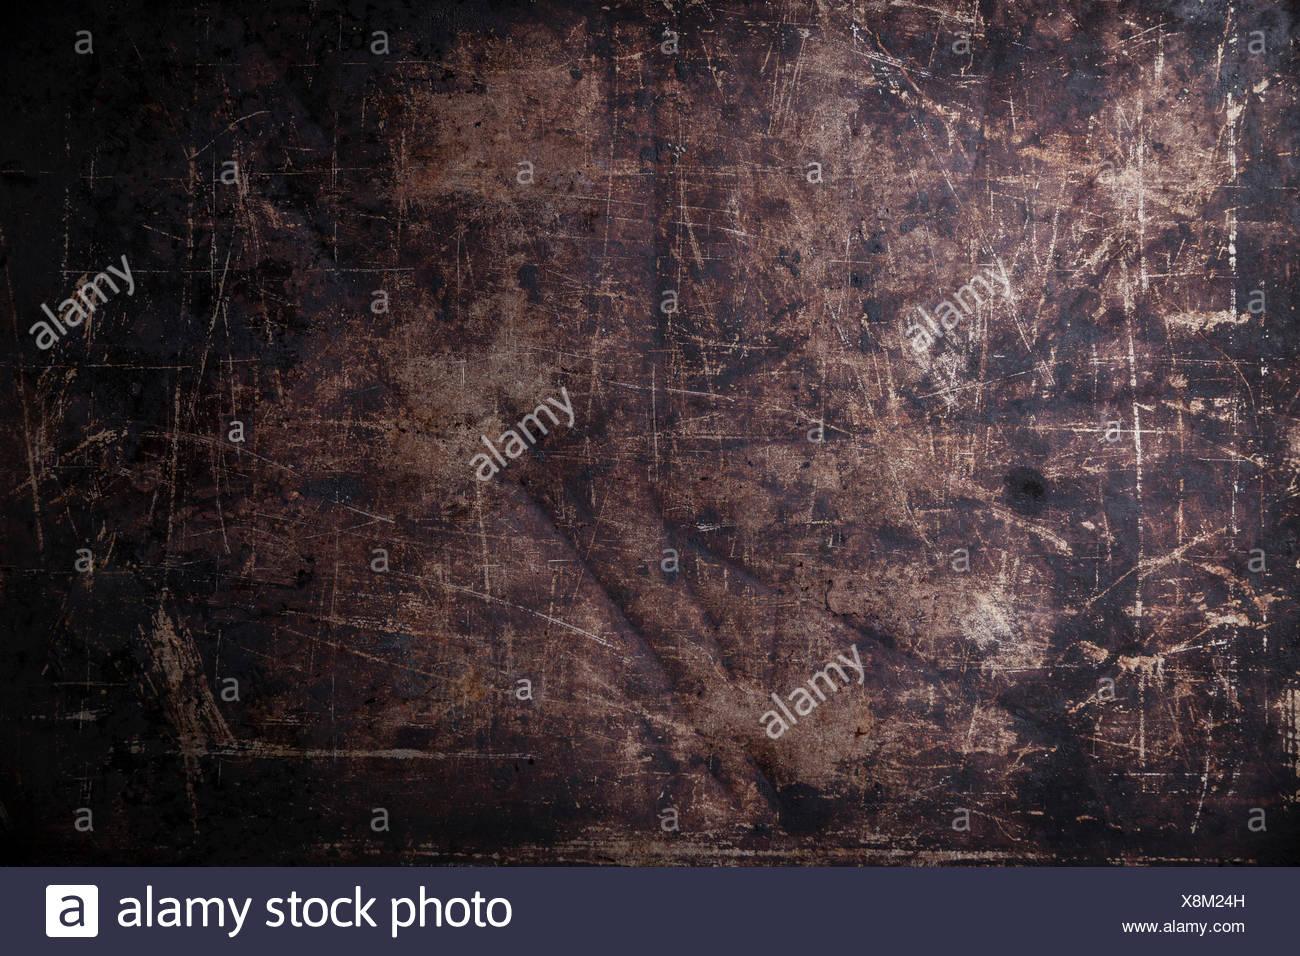 Casco rayado negro textura de fondo oscuro Imagen De Stock